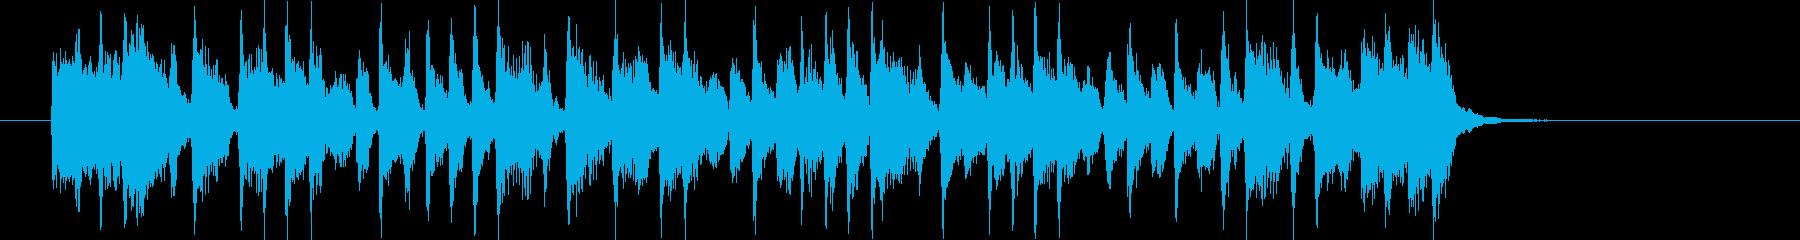 楽しげでおしゃれなシンセサイザーサウンドの再生済みの波形